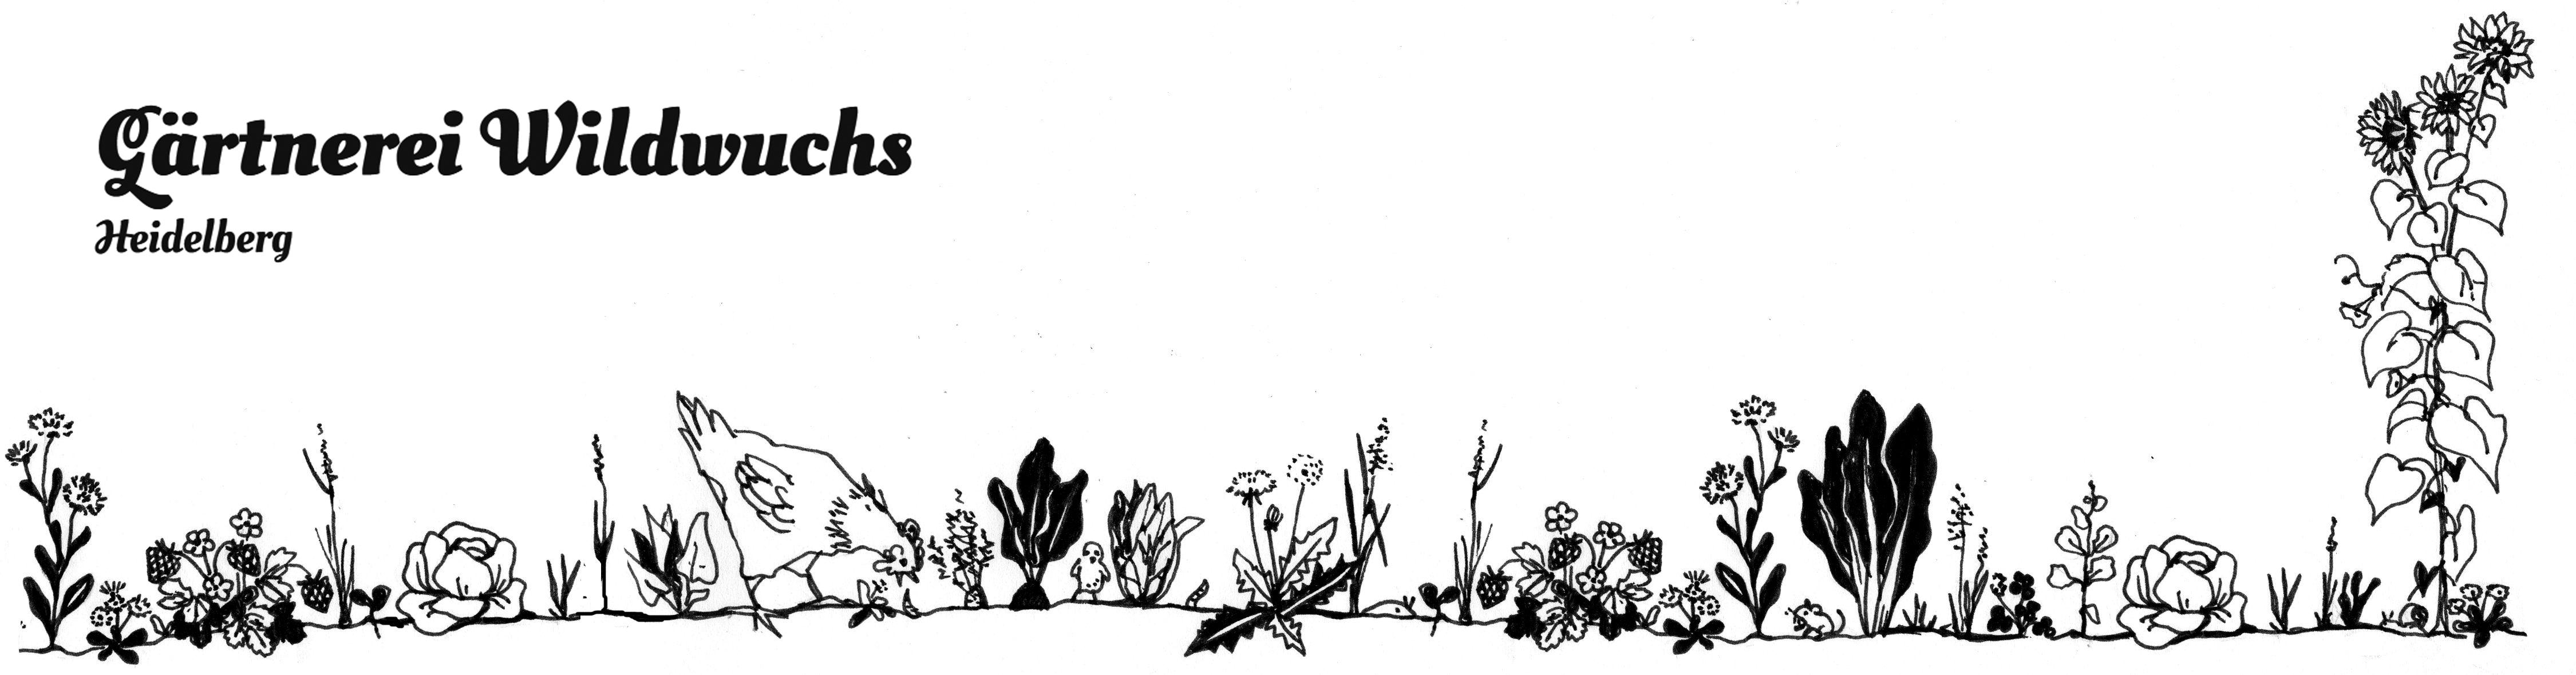 Gärtnerei Wildwuchs